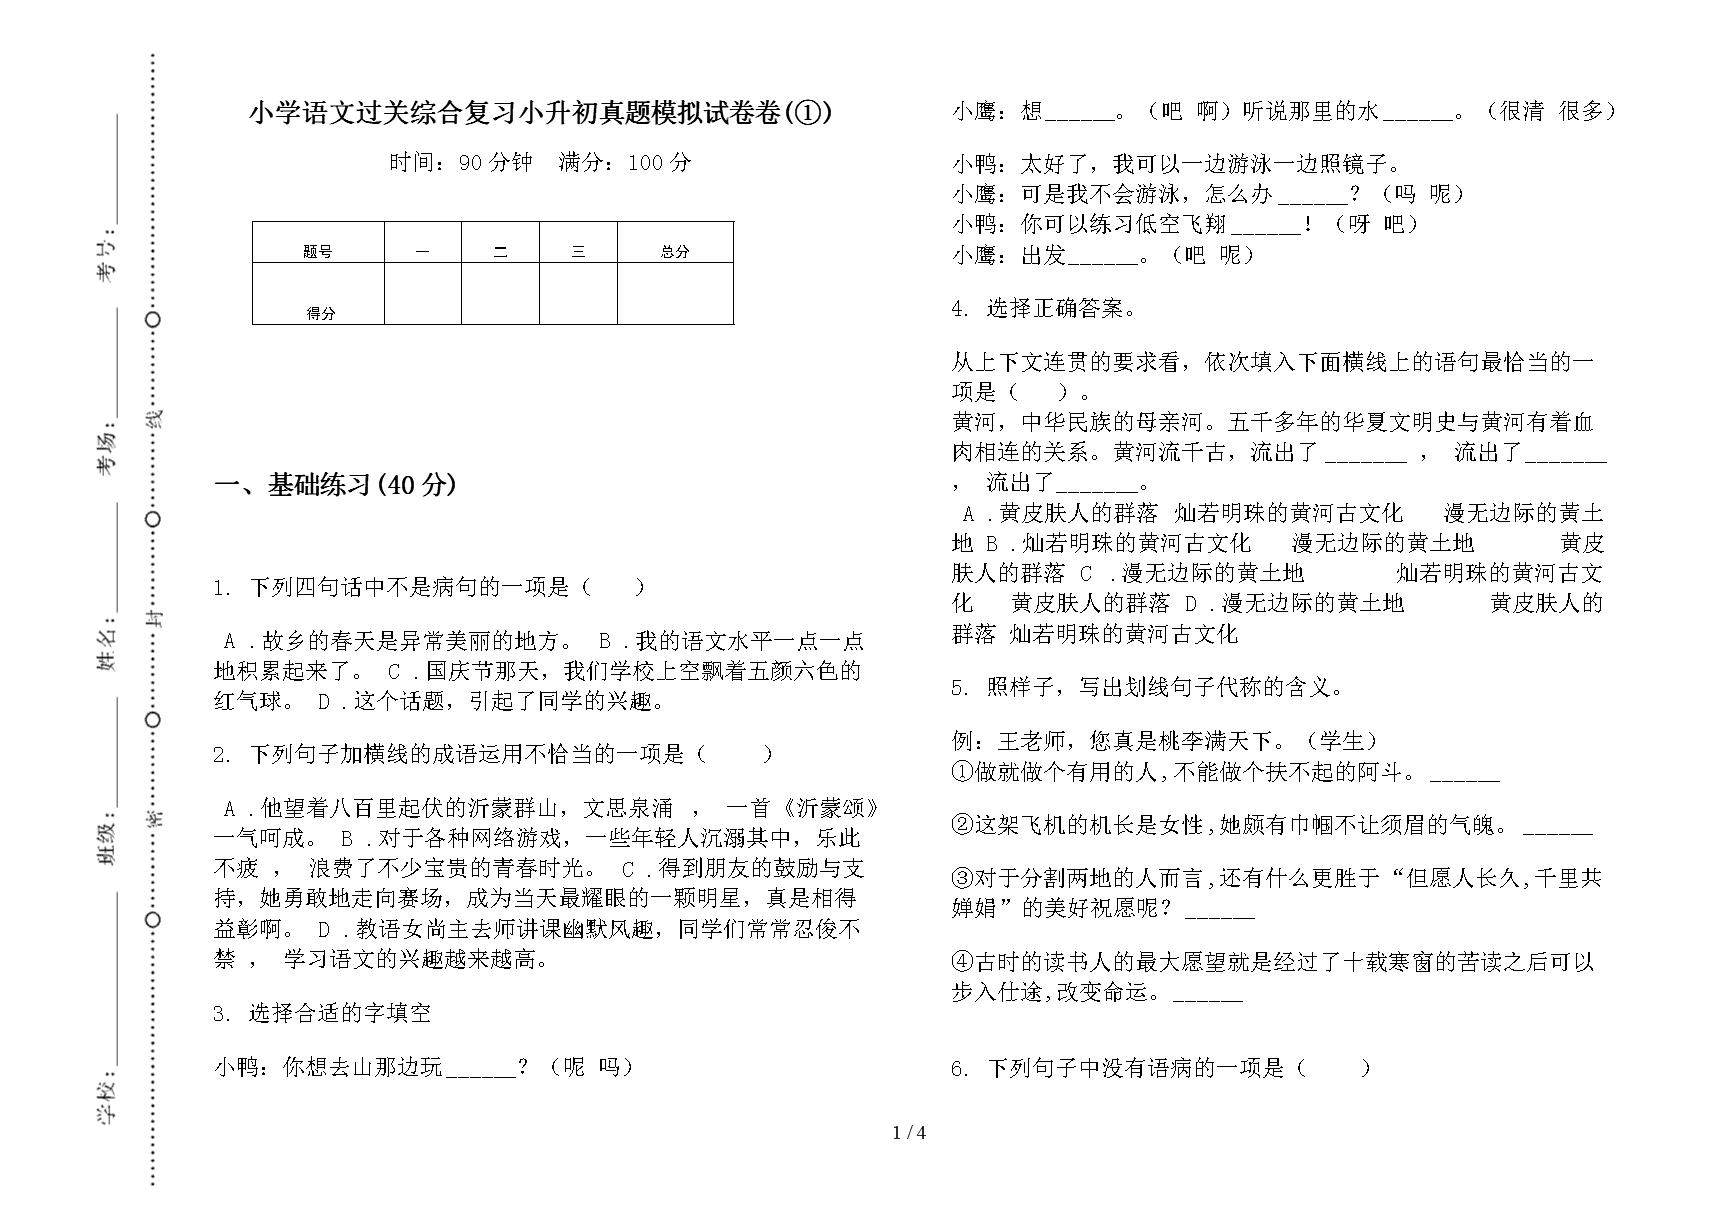 小学语文过关综合复习小升初真题模拟试卷卷(①).docx